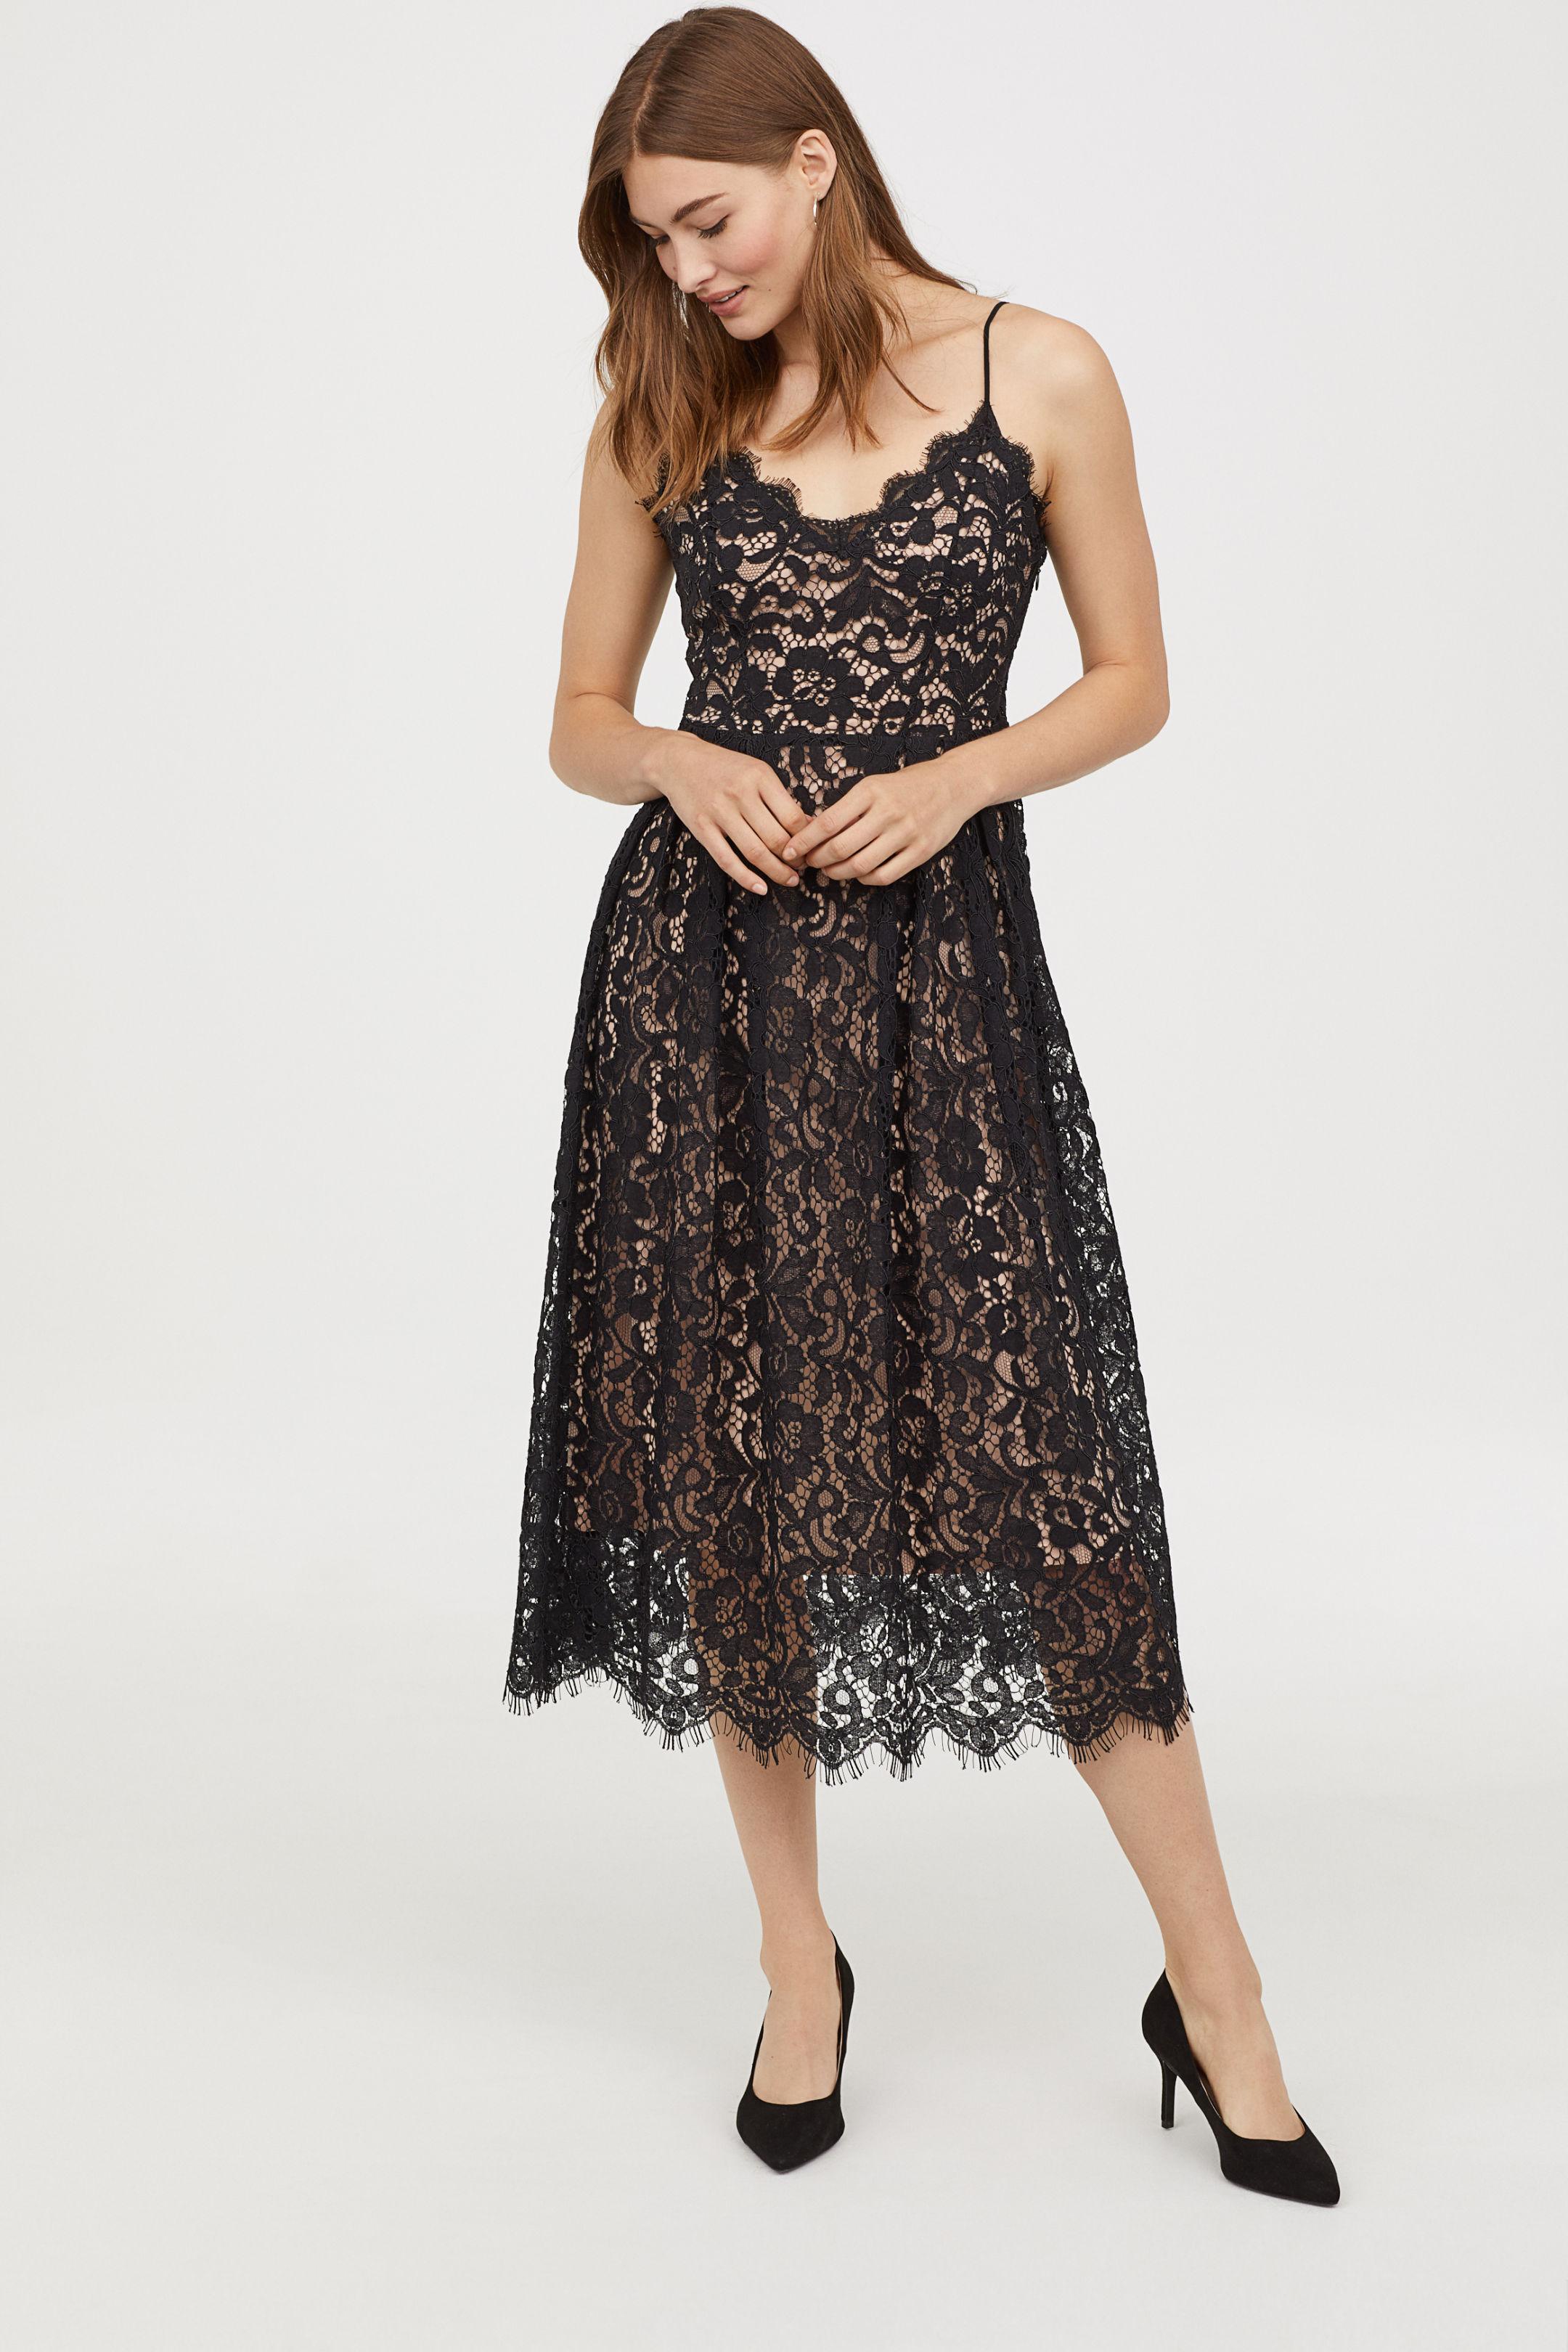 Vestito elegante in pizzo H&M a 69,99 euro